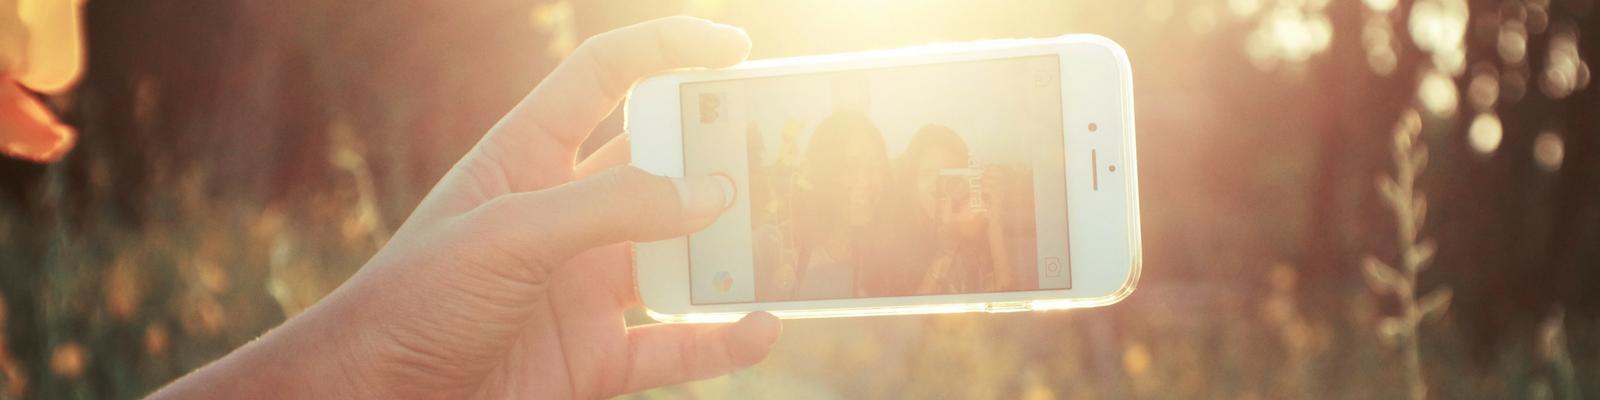 ¿Por qué apostar por Instagram en tu estrategia digital?